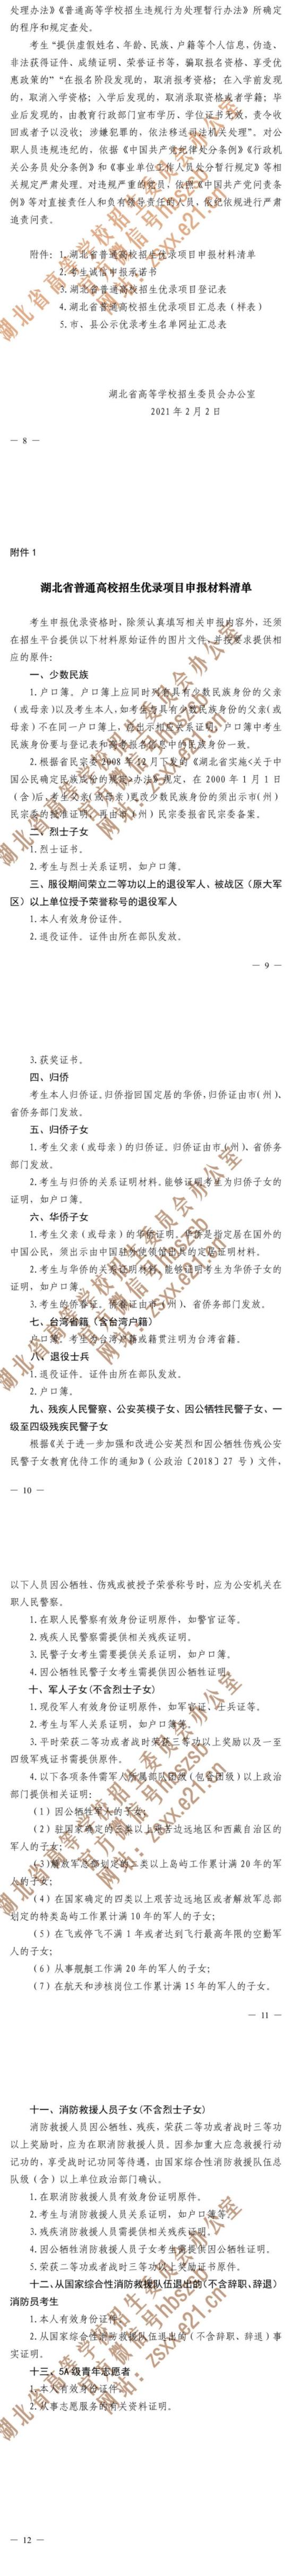 湖北:省招办关于做好2021年普通高校招生优录资格申报有关事项的通知图3